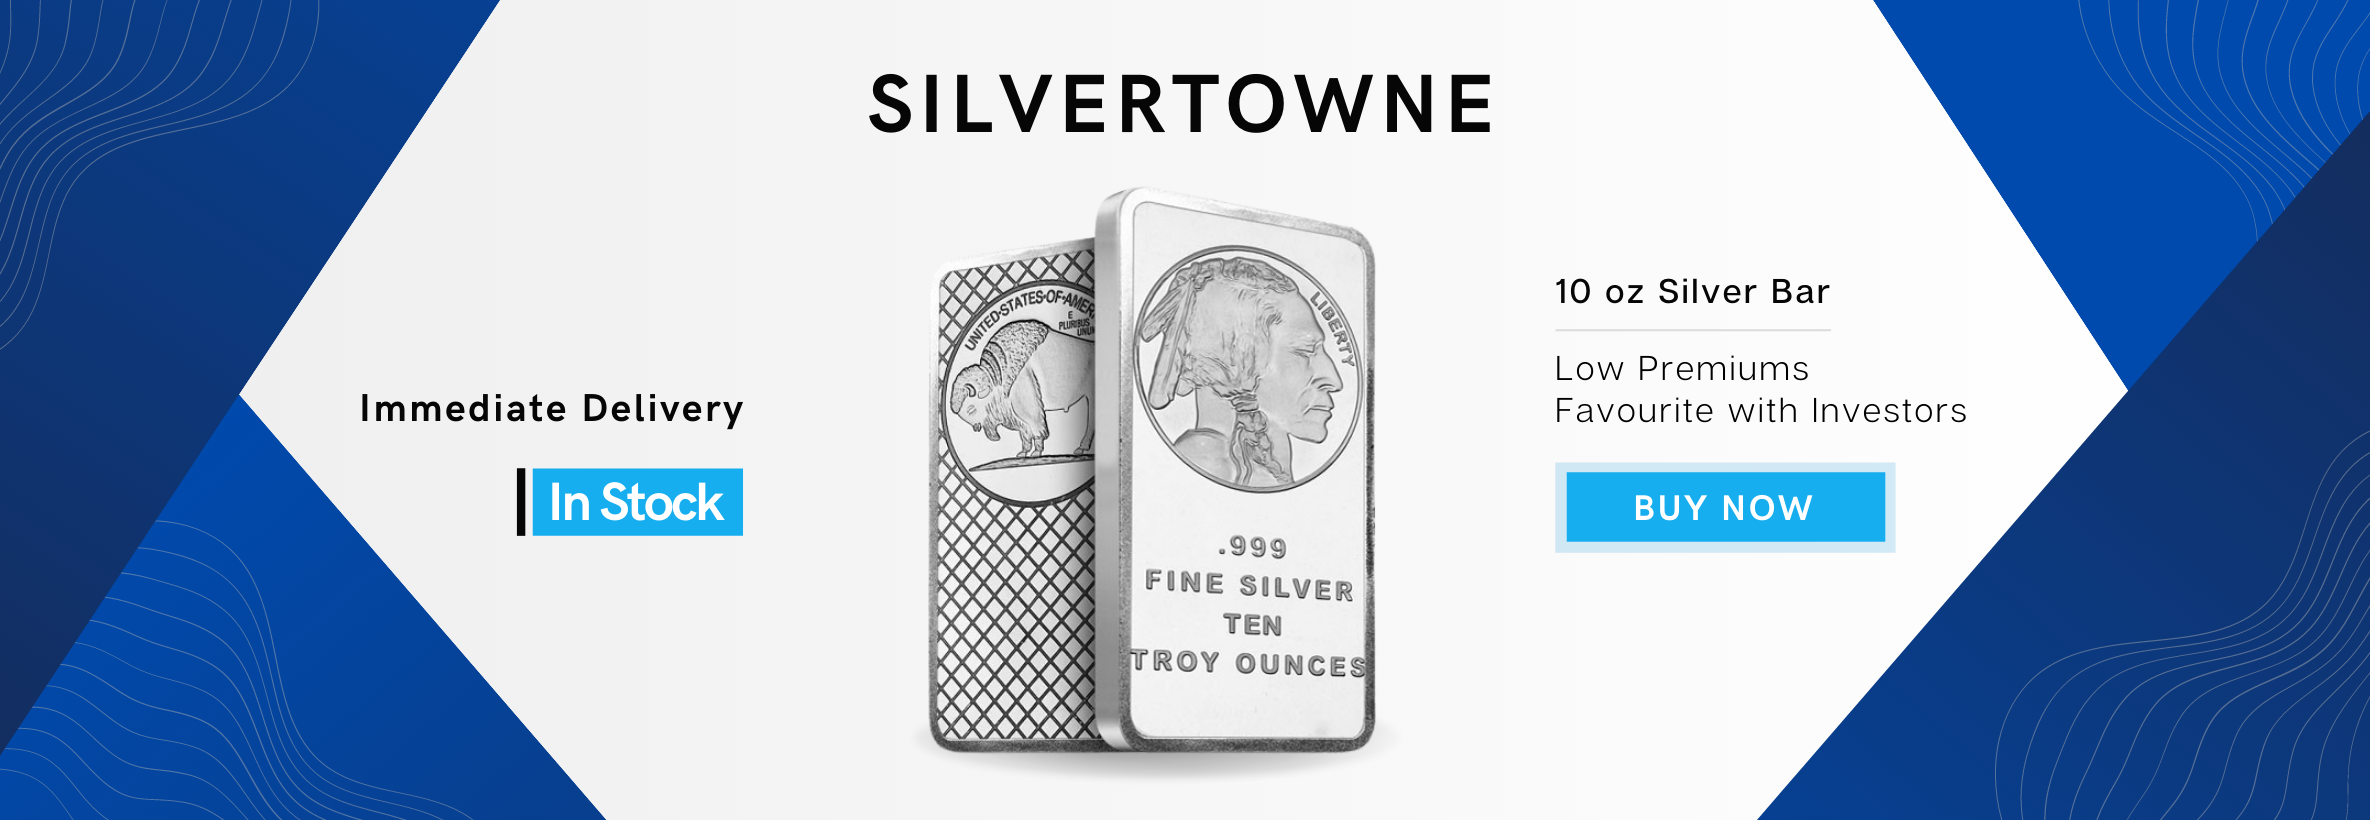 Silver Bar 10 oz Silvertowne